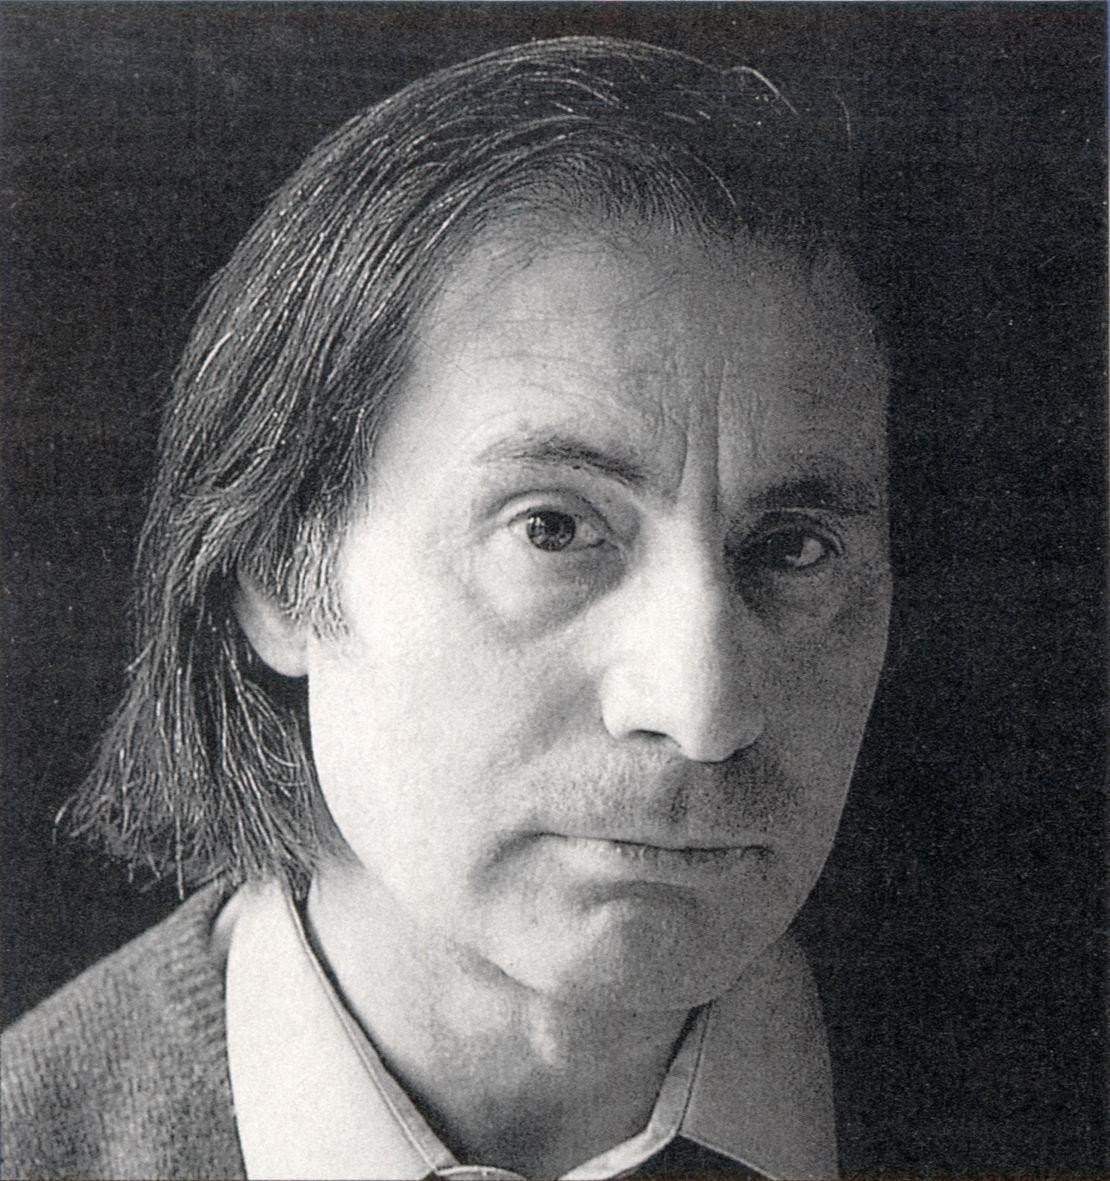 Alfred Schnittke (1934-1998): Sim, eu fui irreverente pra caralho. E daí?